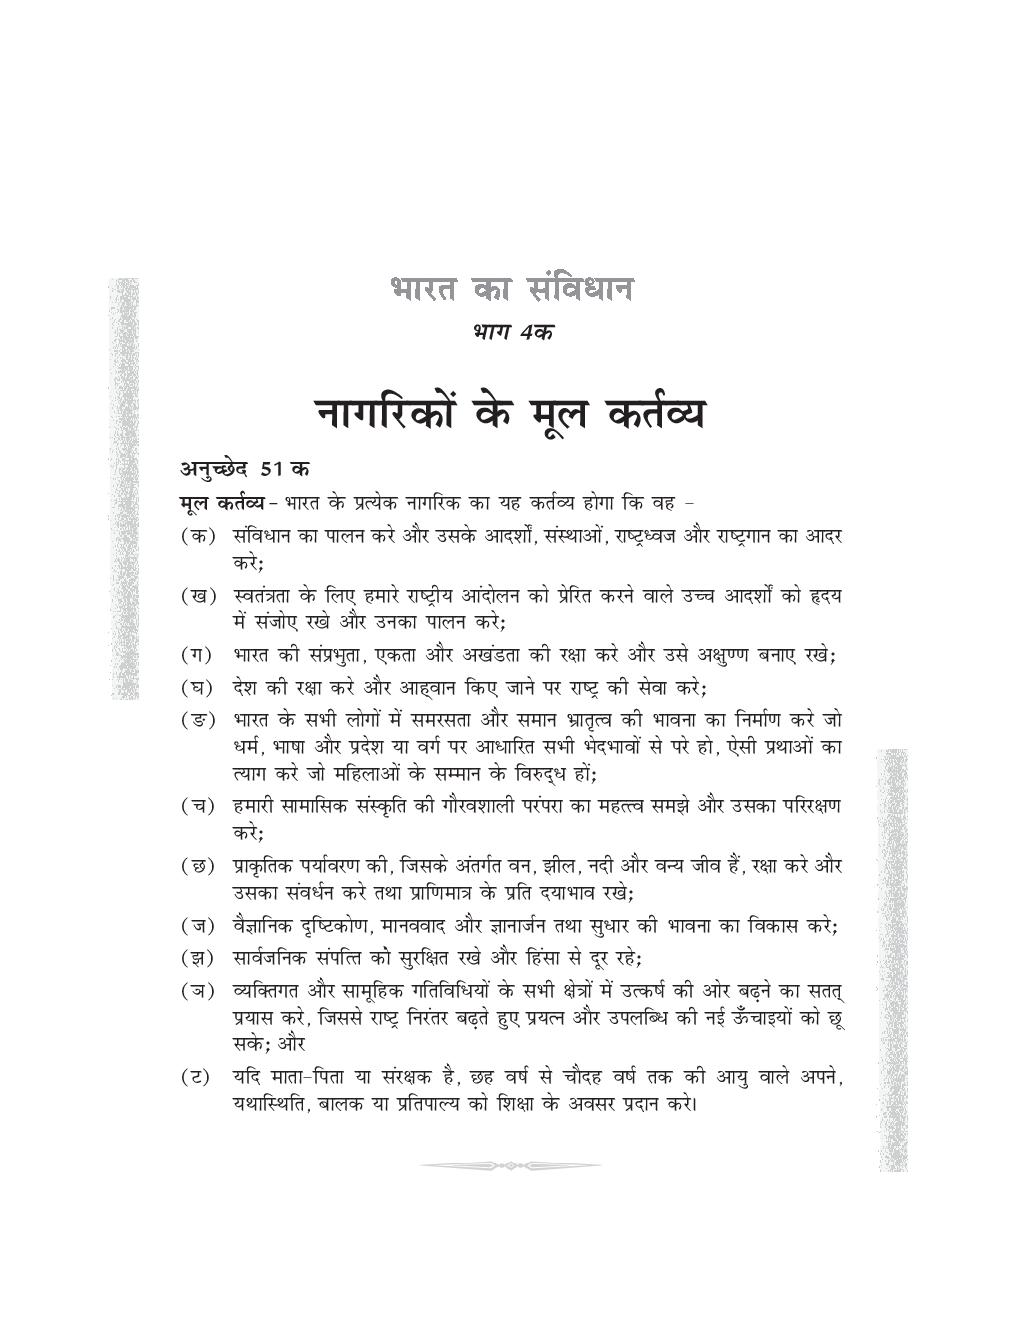 भौतिक भूगोल के मूल सिद्धांत कक्षा - XI For Board Of School Education, Haryana - Page 4